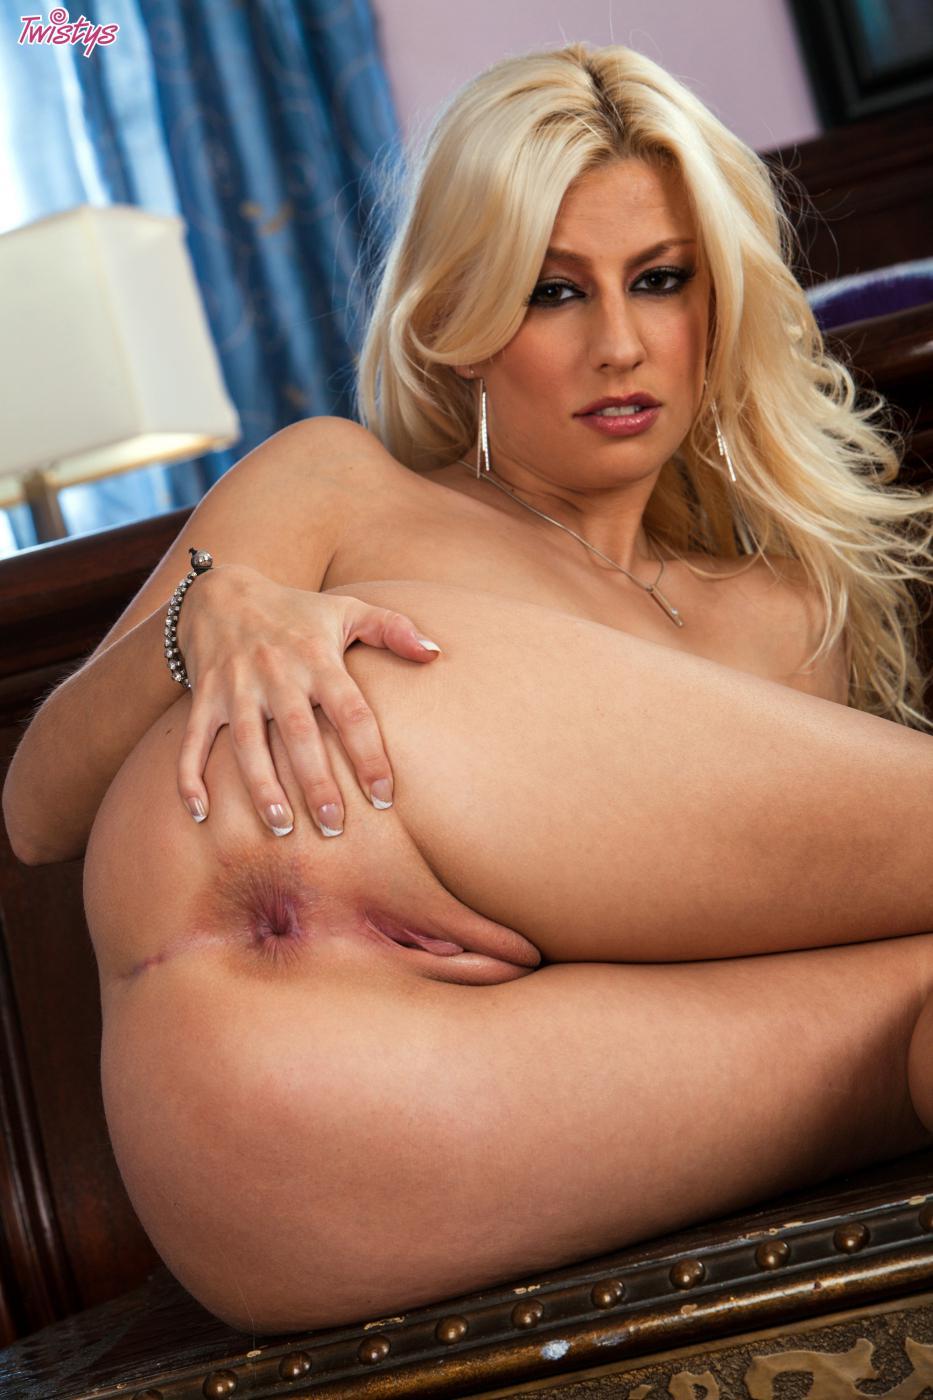 Сексуальная блондинка Jessi Voft обнажает свои сисяндры и готова помастурбировать